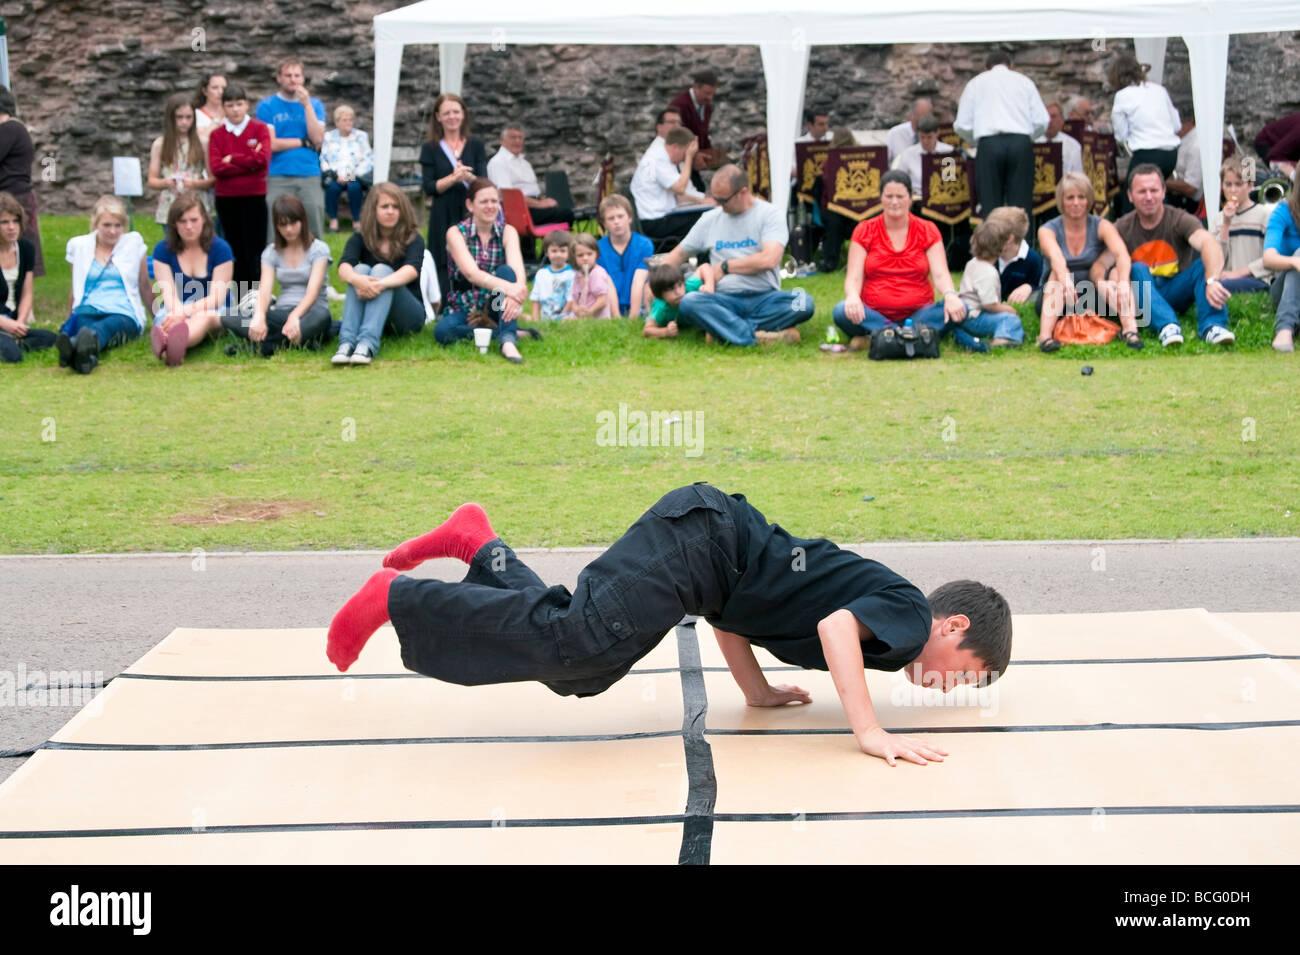 Boy break dancing at Skenfrith fun day. Street dancer divertissant la foule. Jeux et divertissement à fête Photo Stock